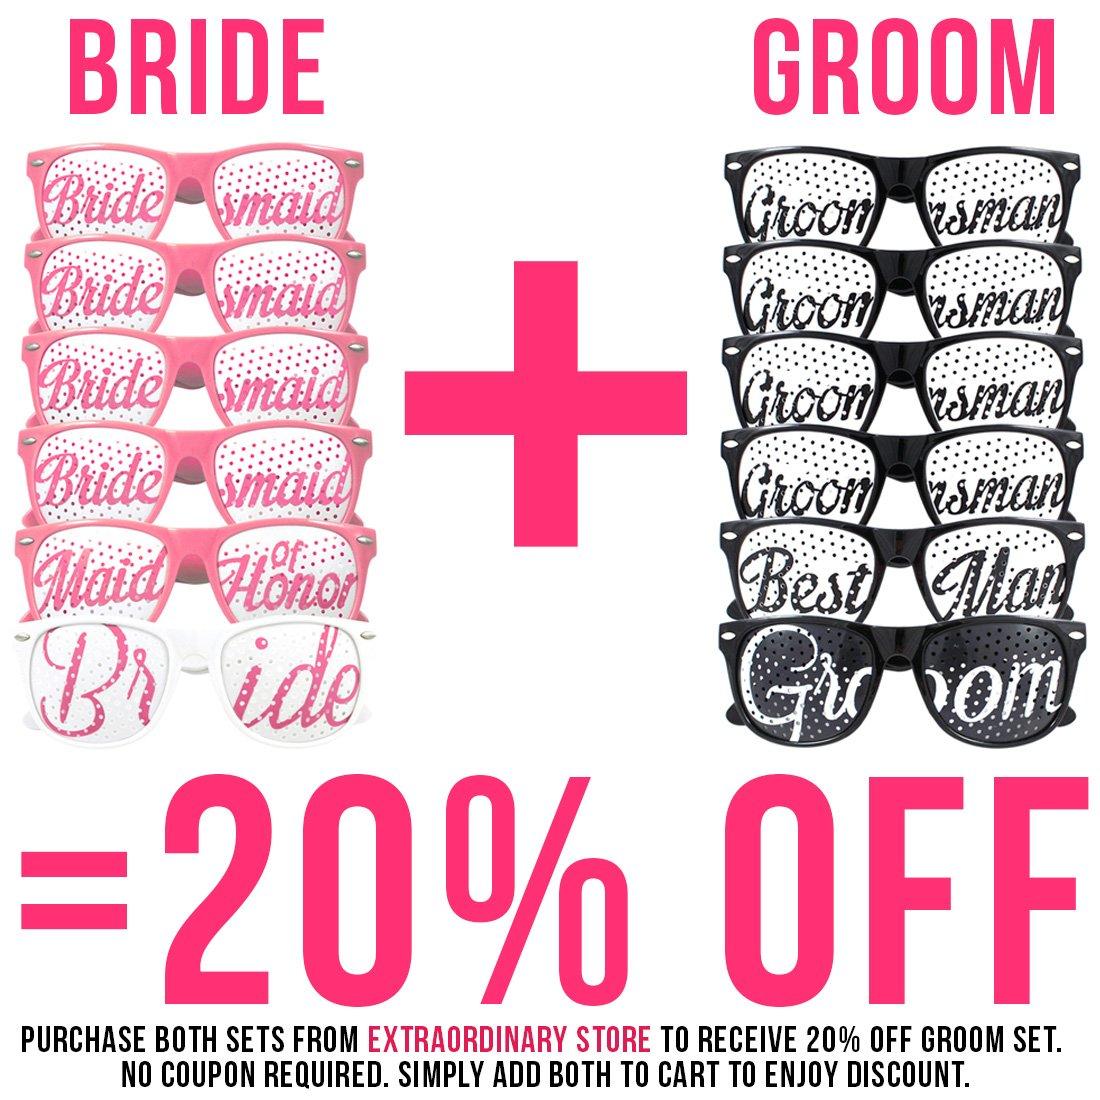 Amazon.com: Bridal Bachelorette Party Favors - Wedding Kit - Bride ...